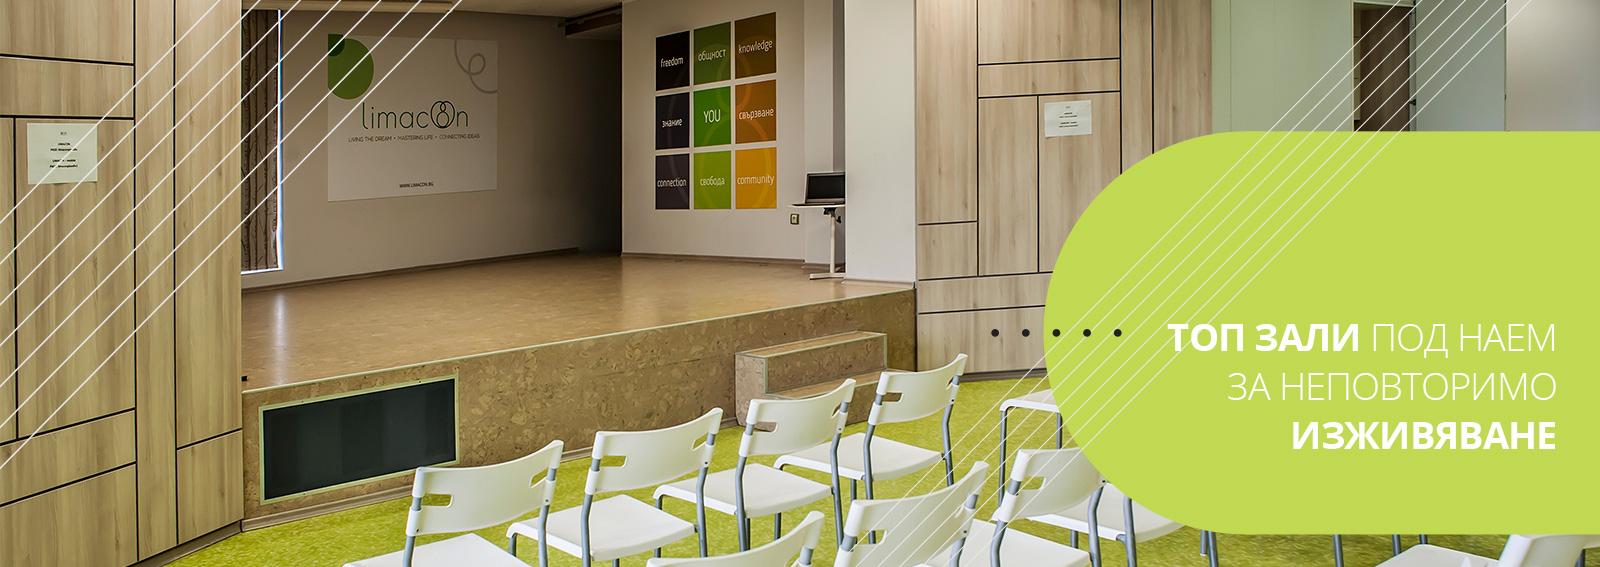 """Наем на зали в Пловдив. Център за събития Лимакон предлага услугата """"Наем на зала"""" за различни събития"""